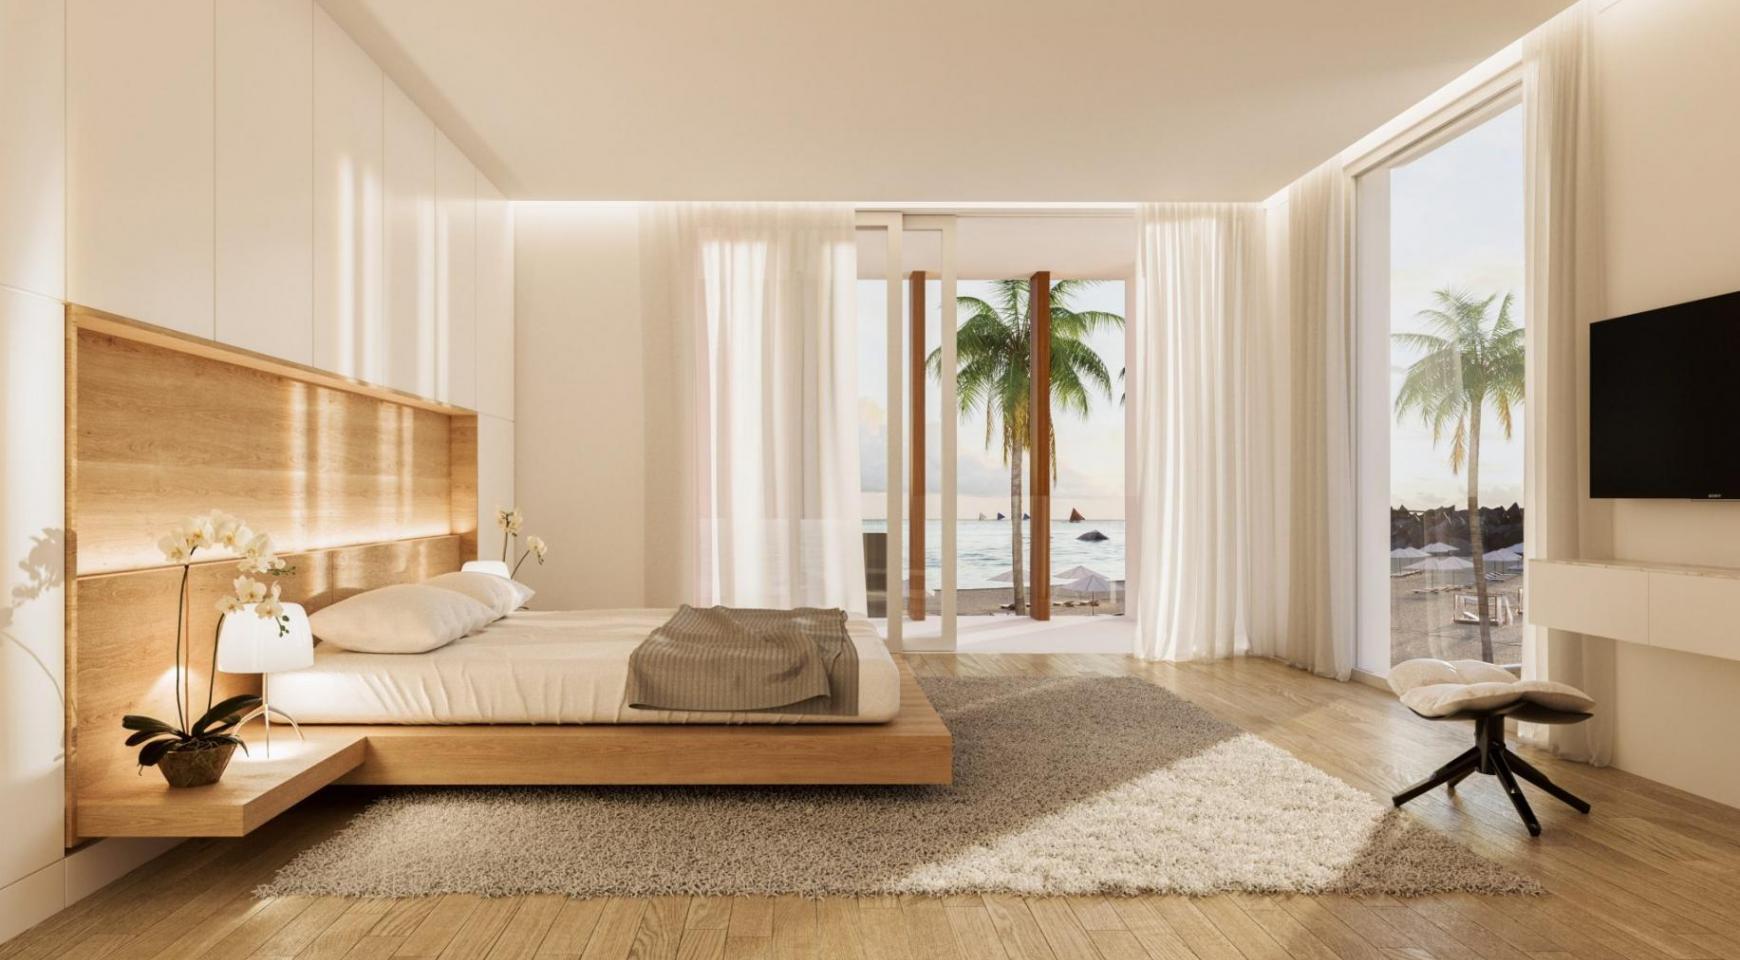 Элитная 5-Спальная Вилла в Эксклюзивном Проекте у Моря - 7